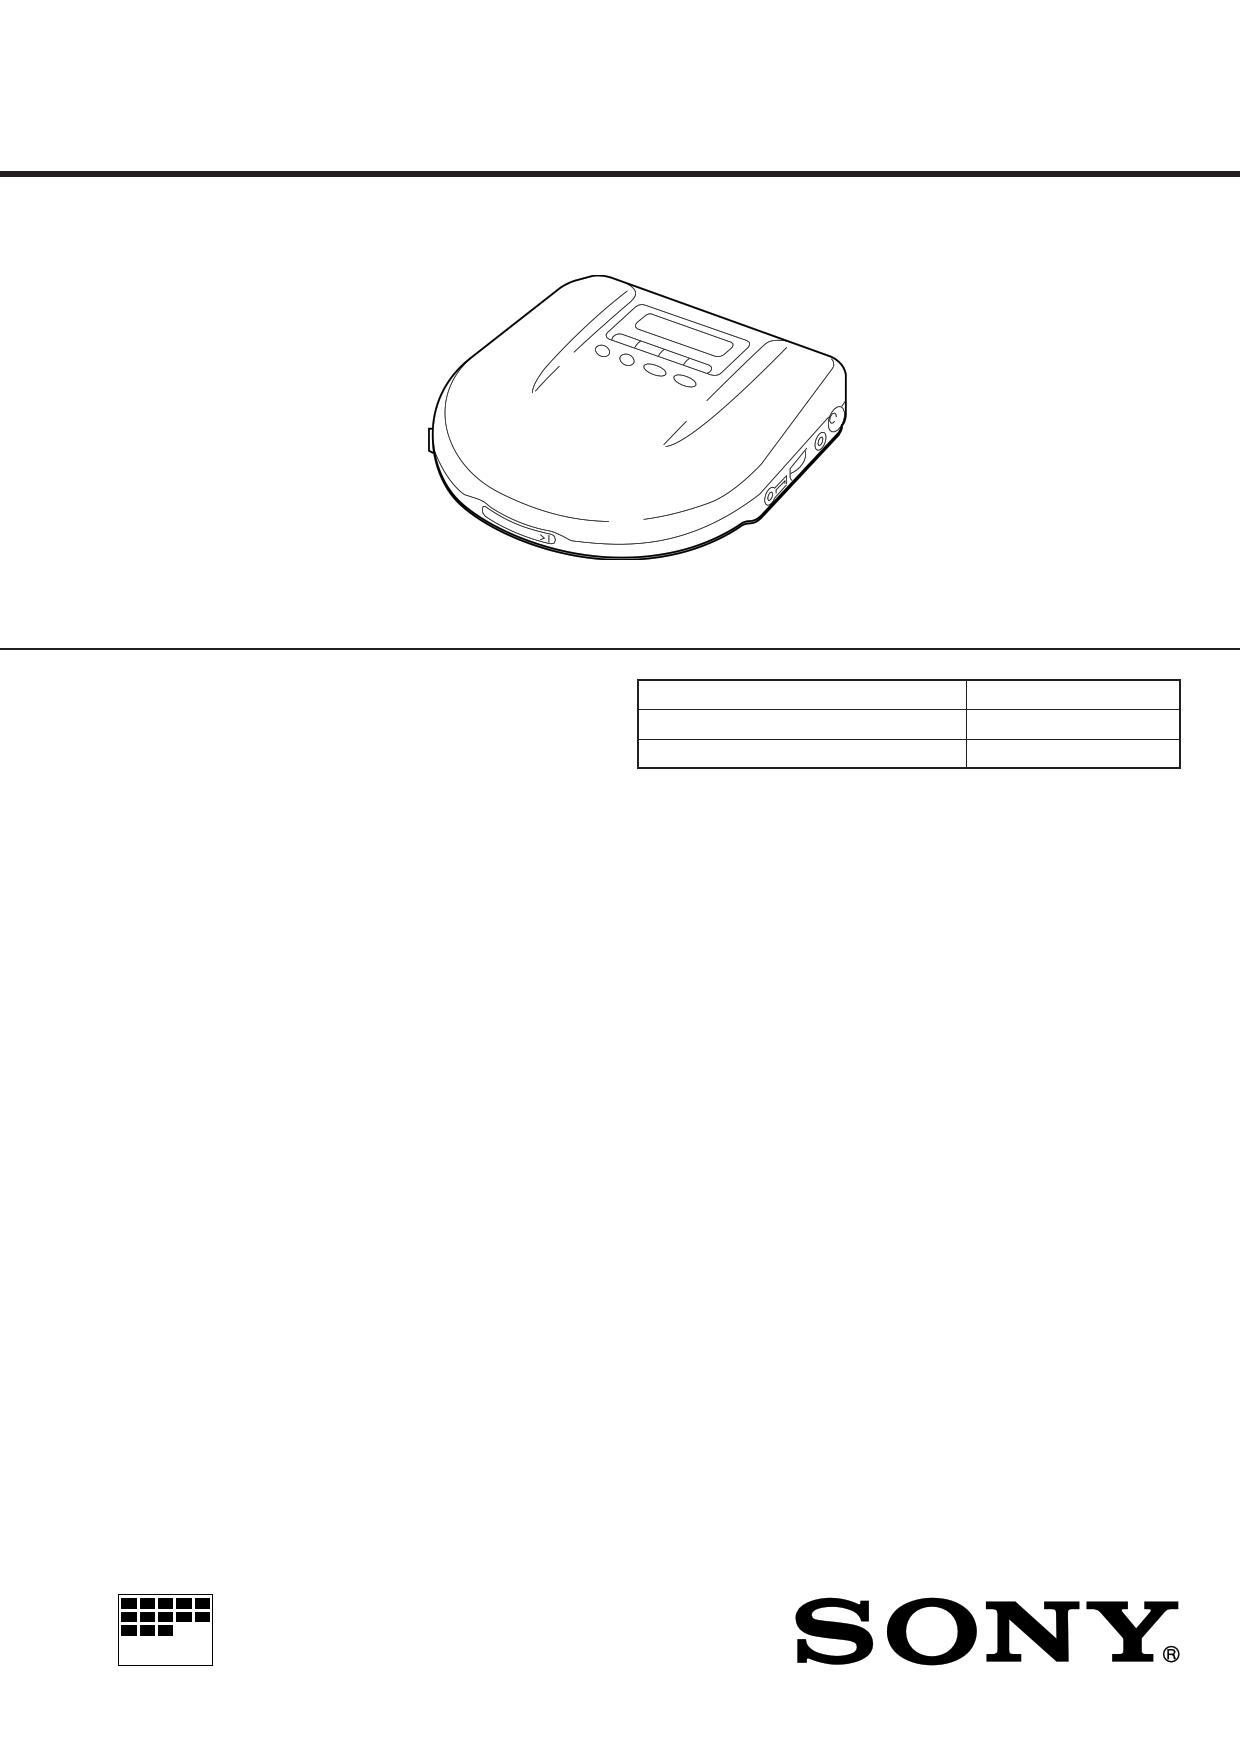 D-E505 Hoja de datos, Descripción, Manual